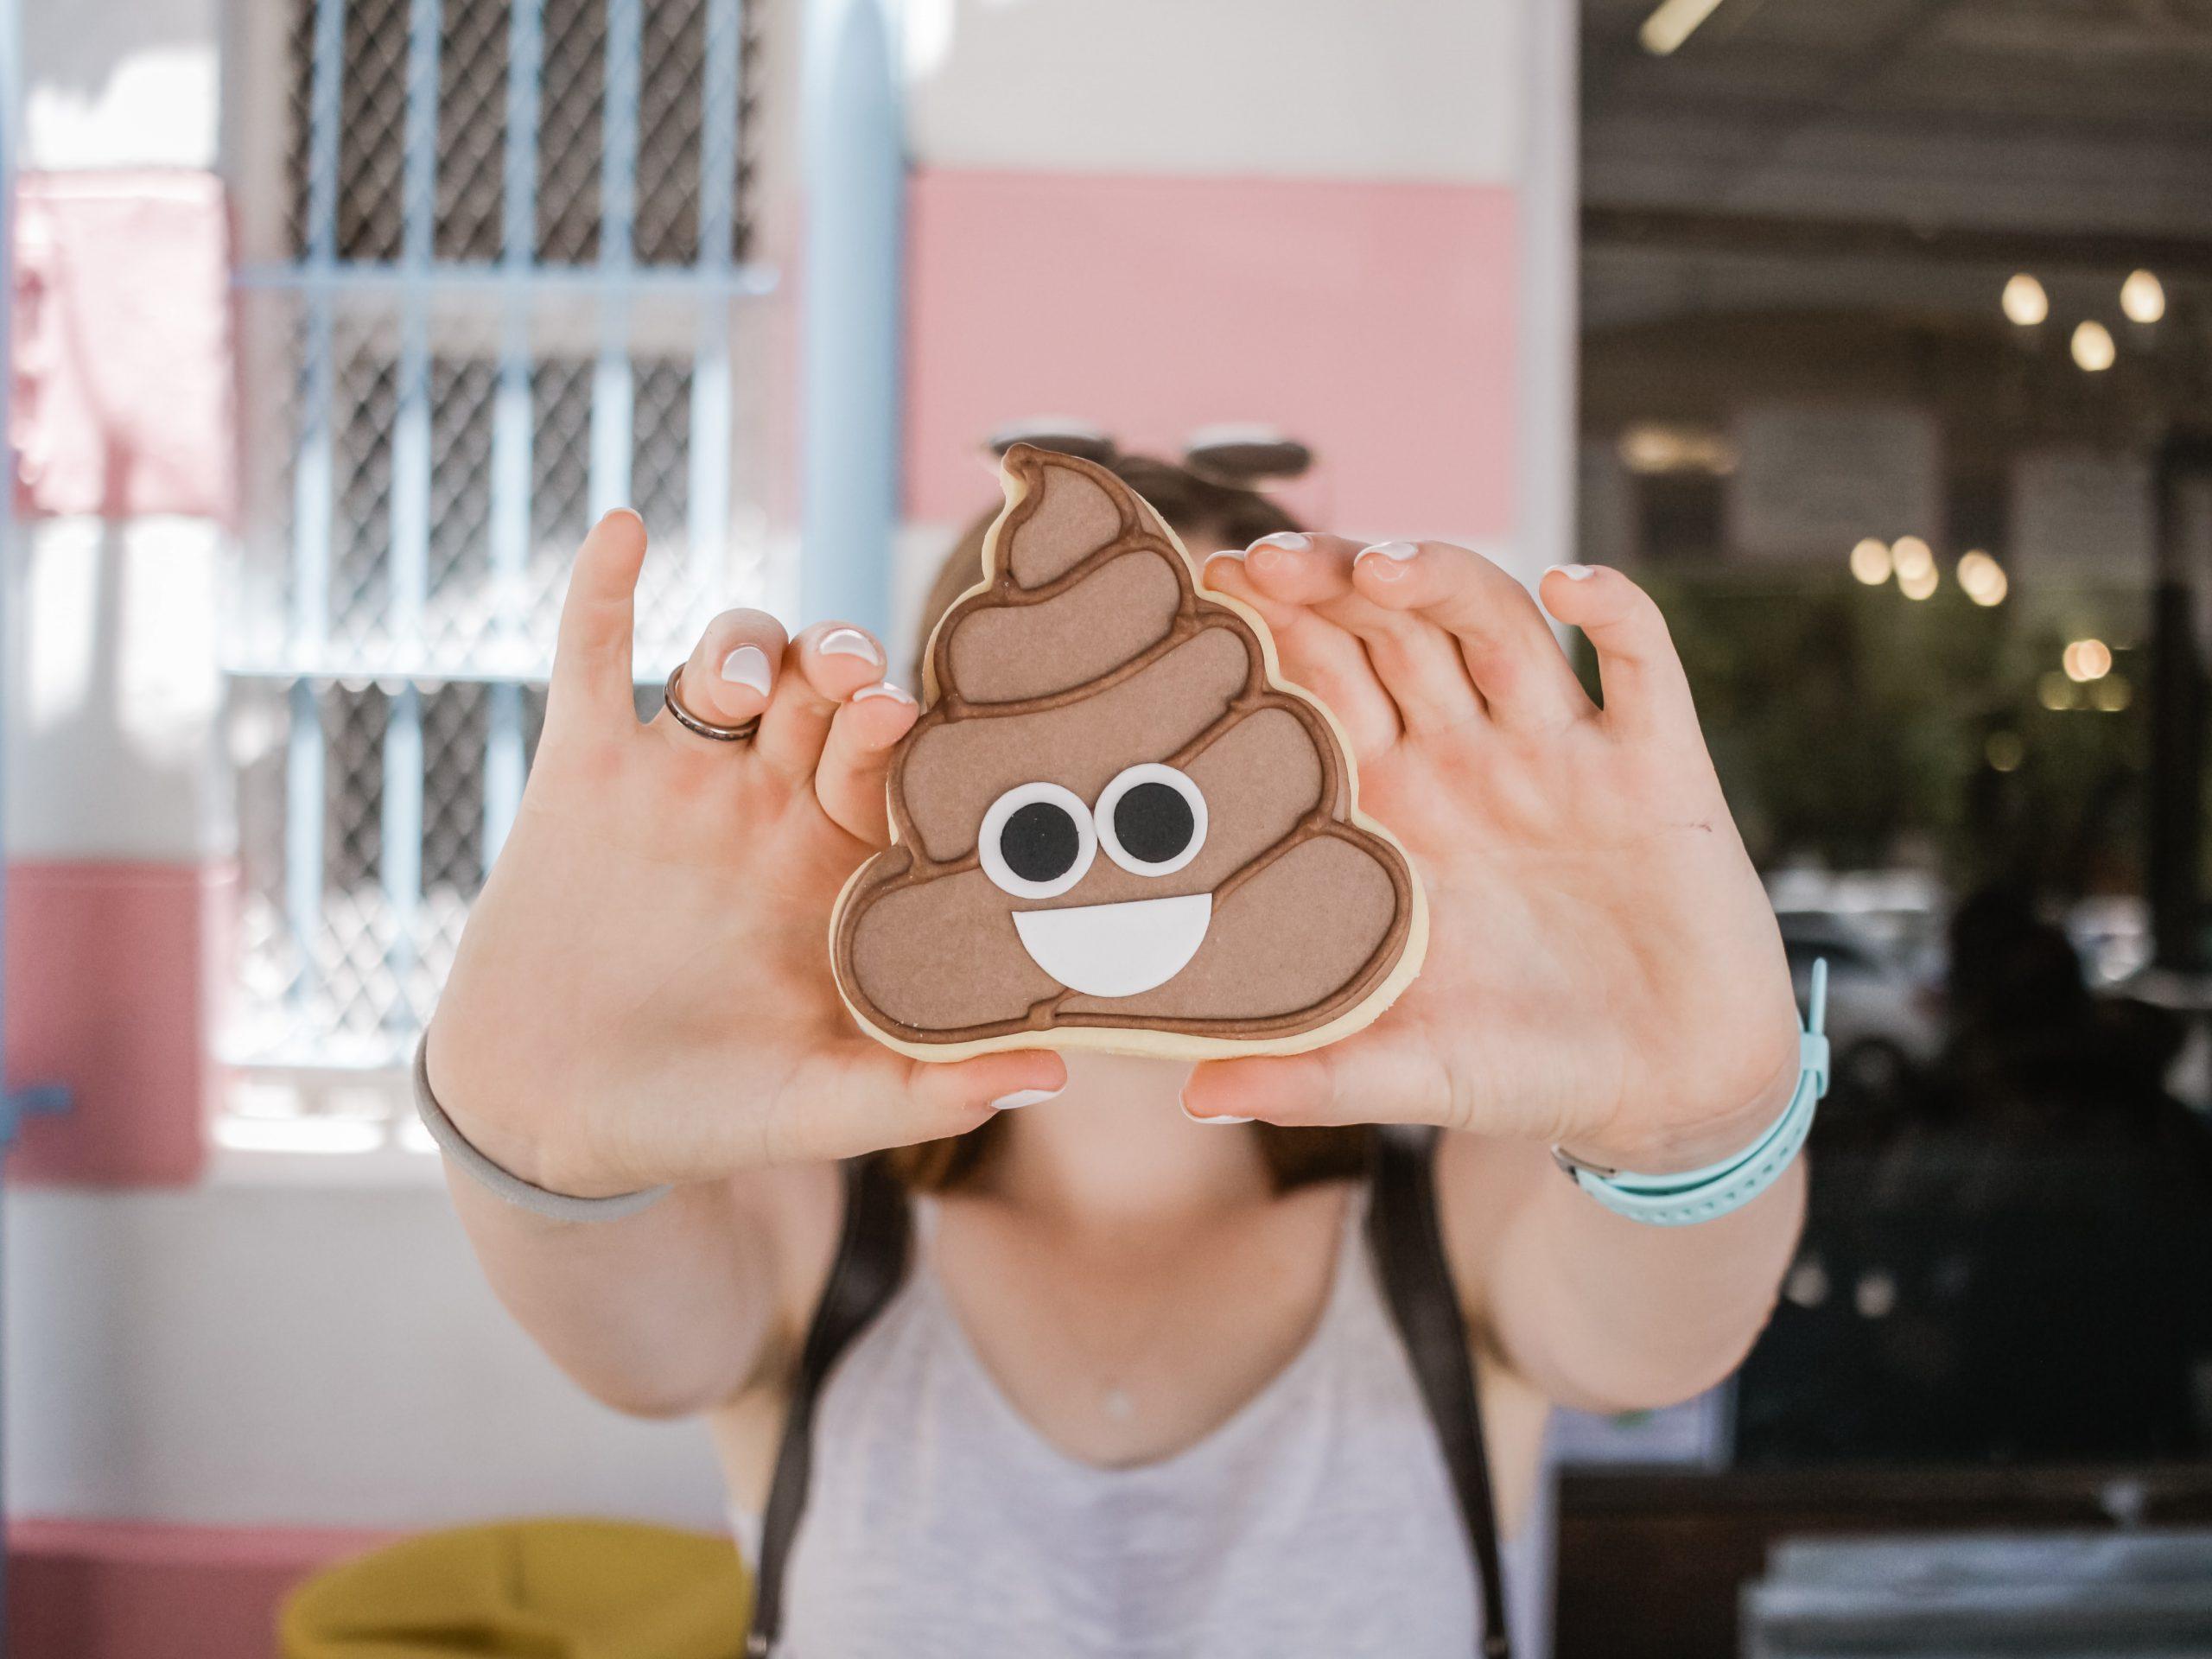 Woman holding poop emoji case